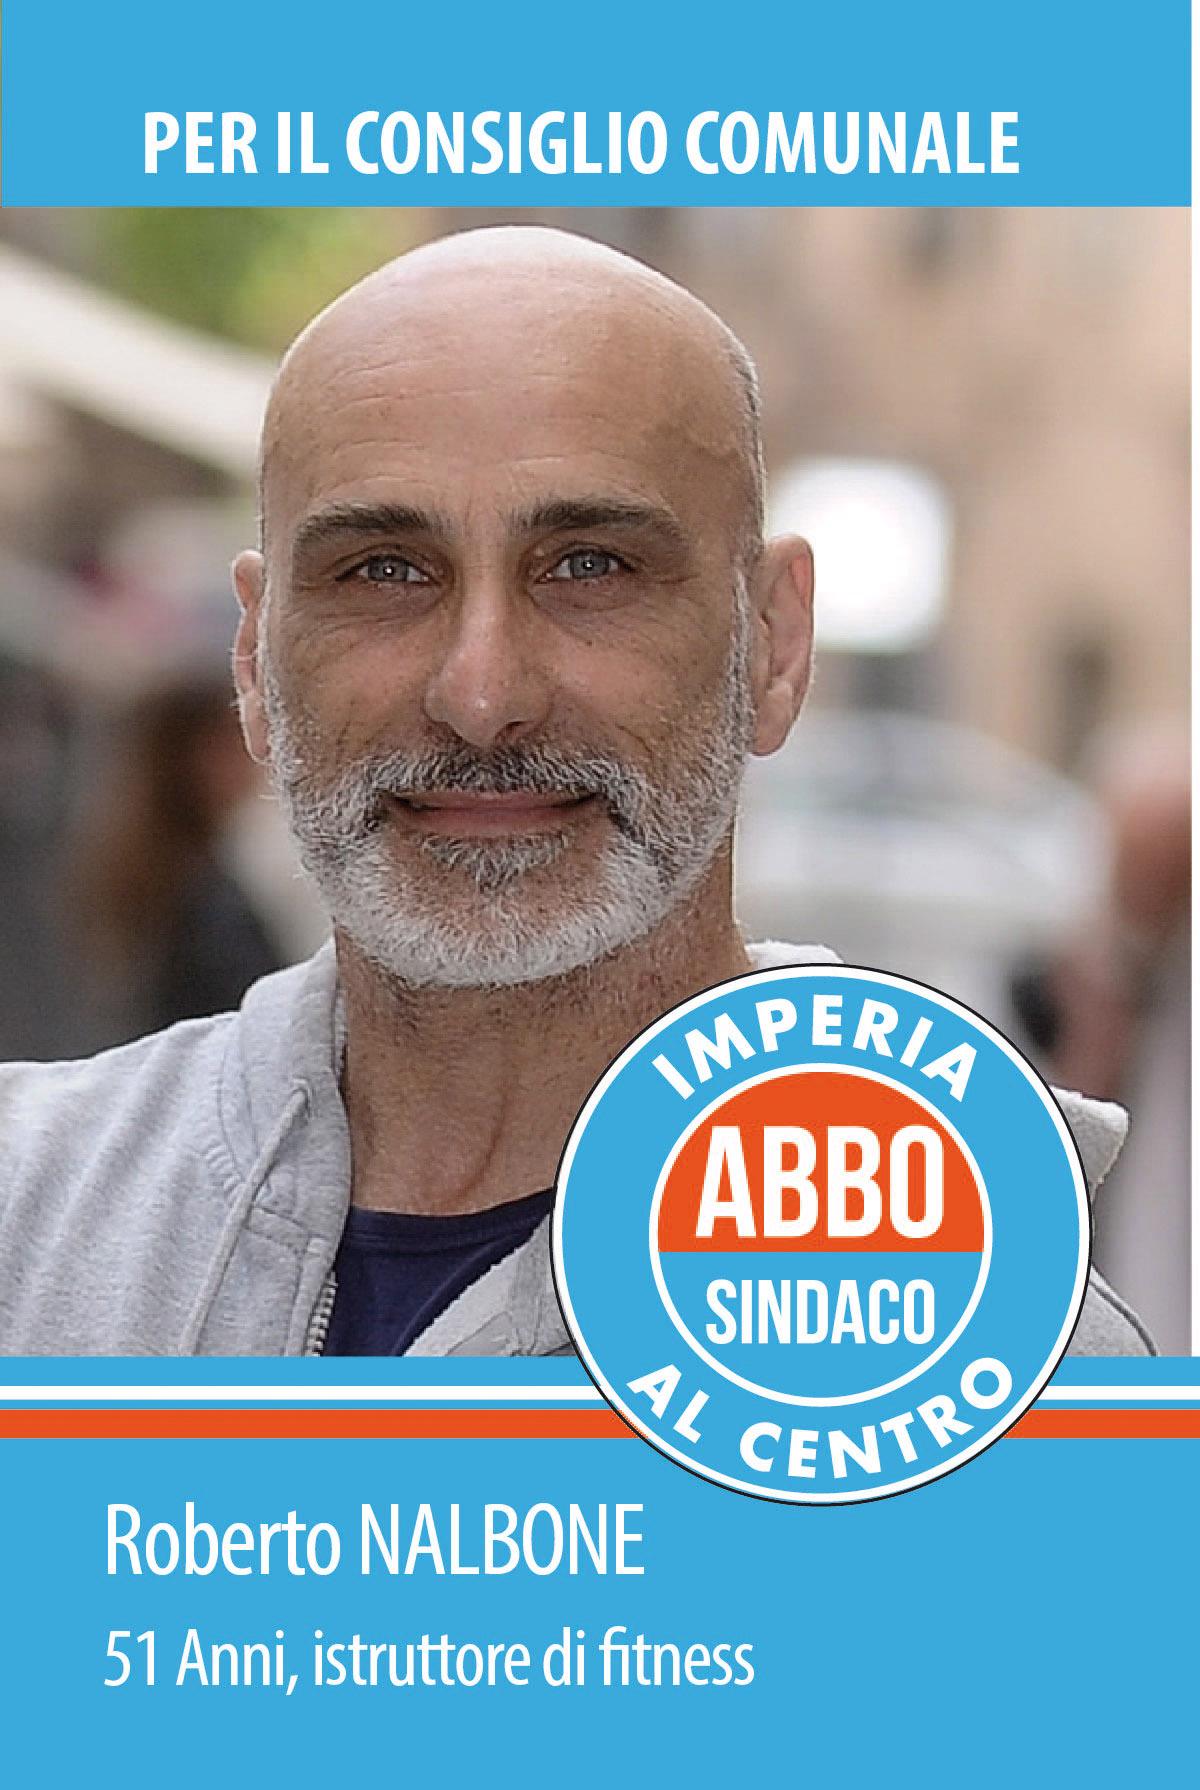 Roberto NALBONE